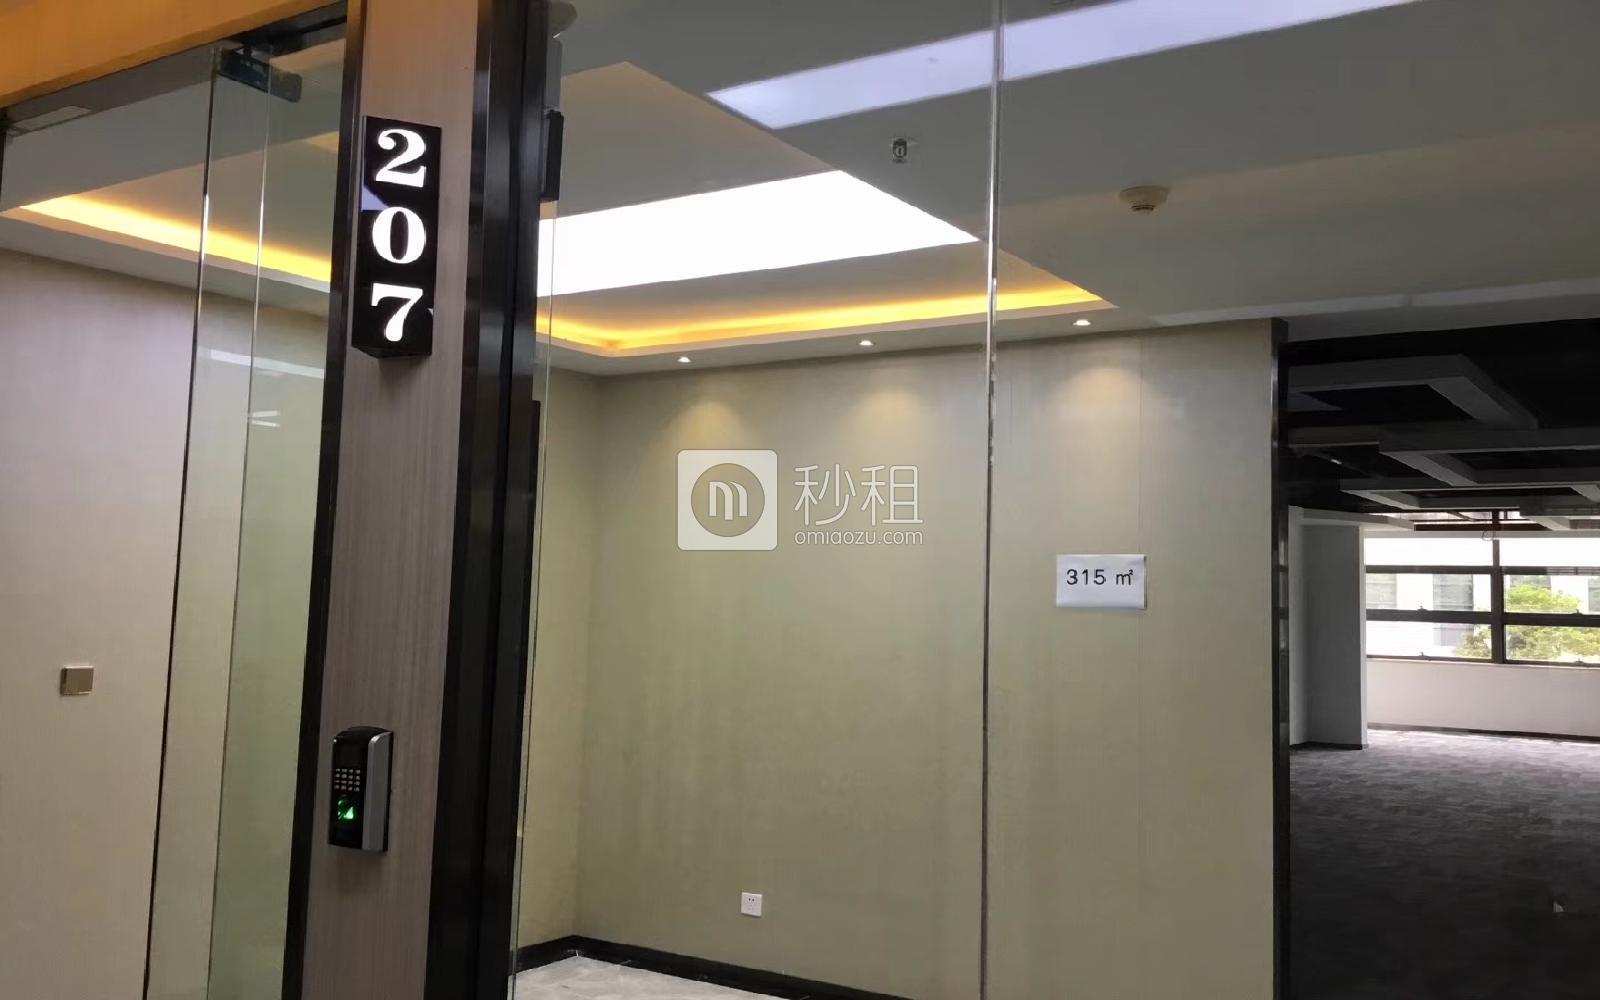 南山-西丽 TCL科学园国际E城 310m²